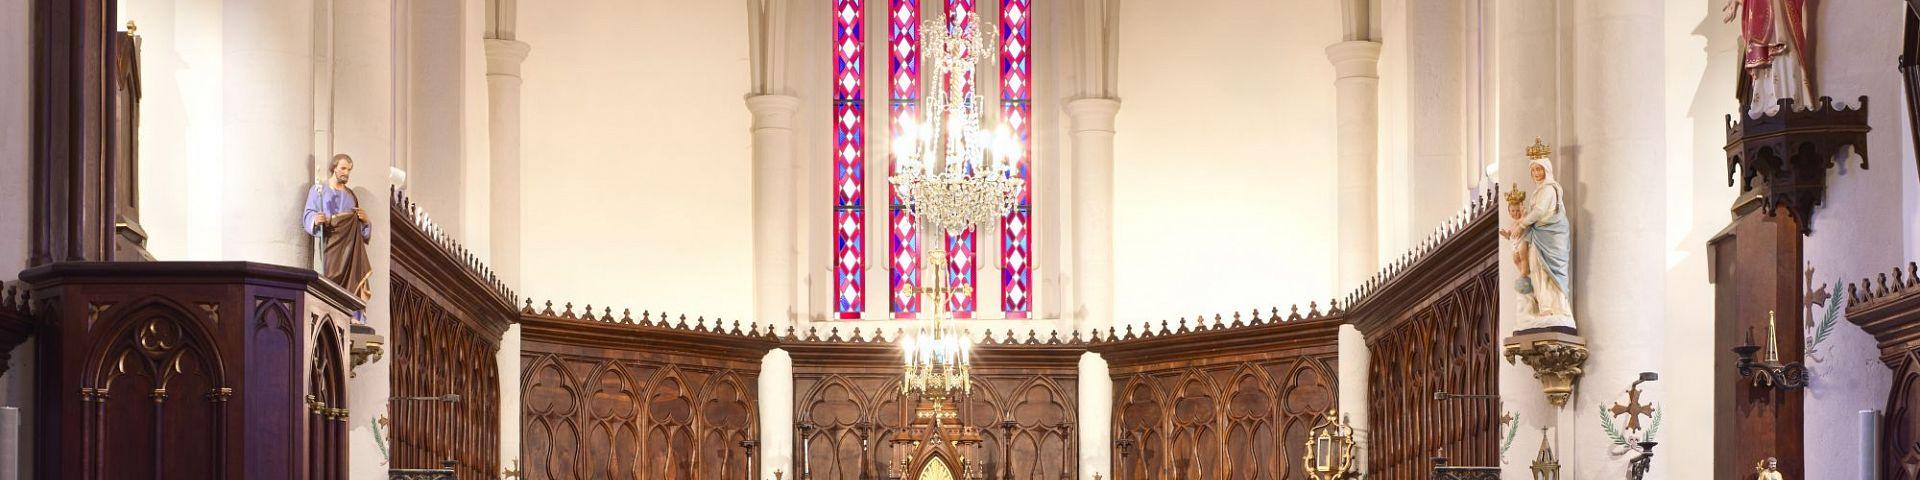 Autechaux - Eglise Saint-Germain (25)